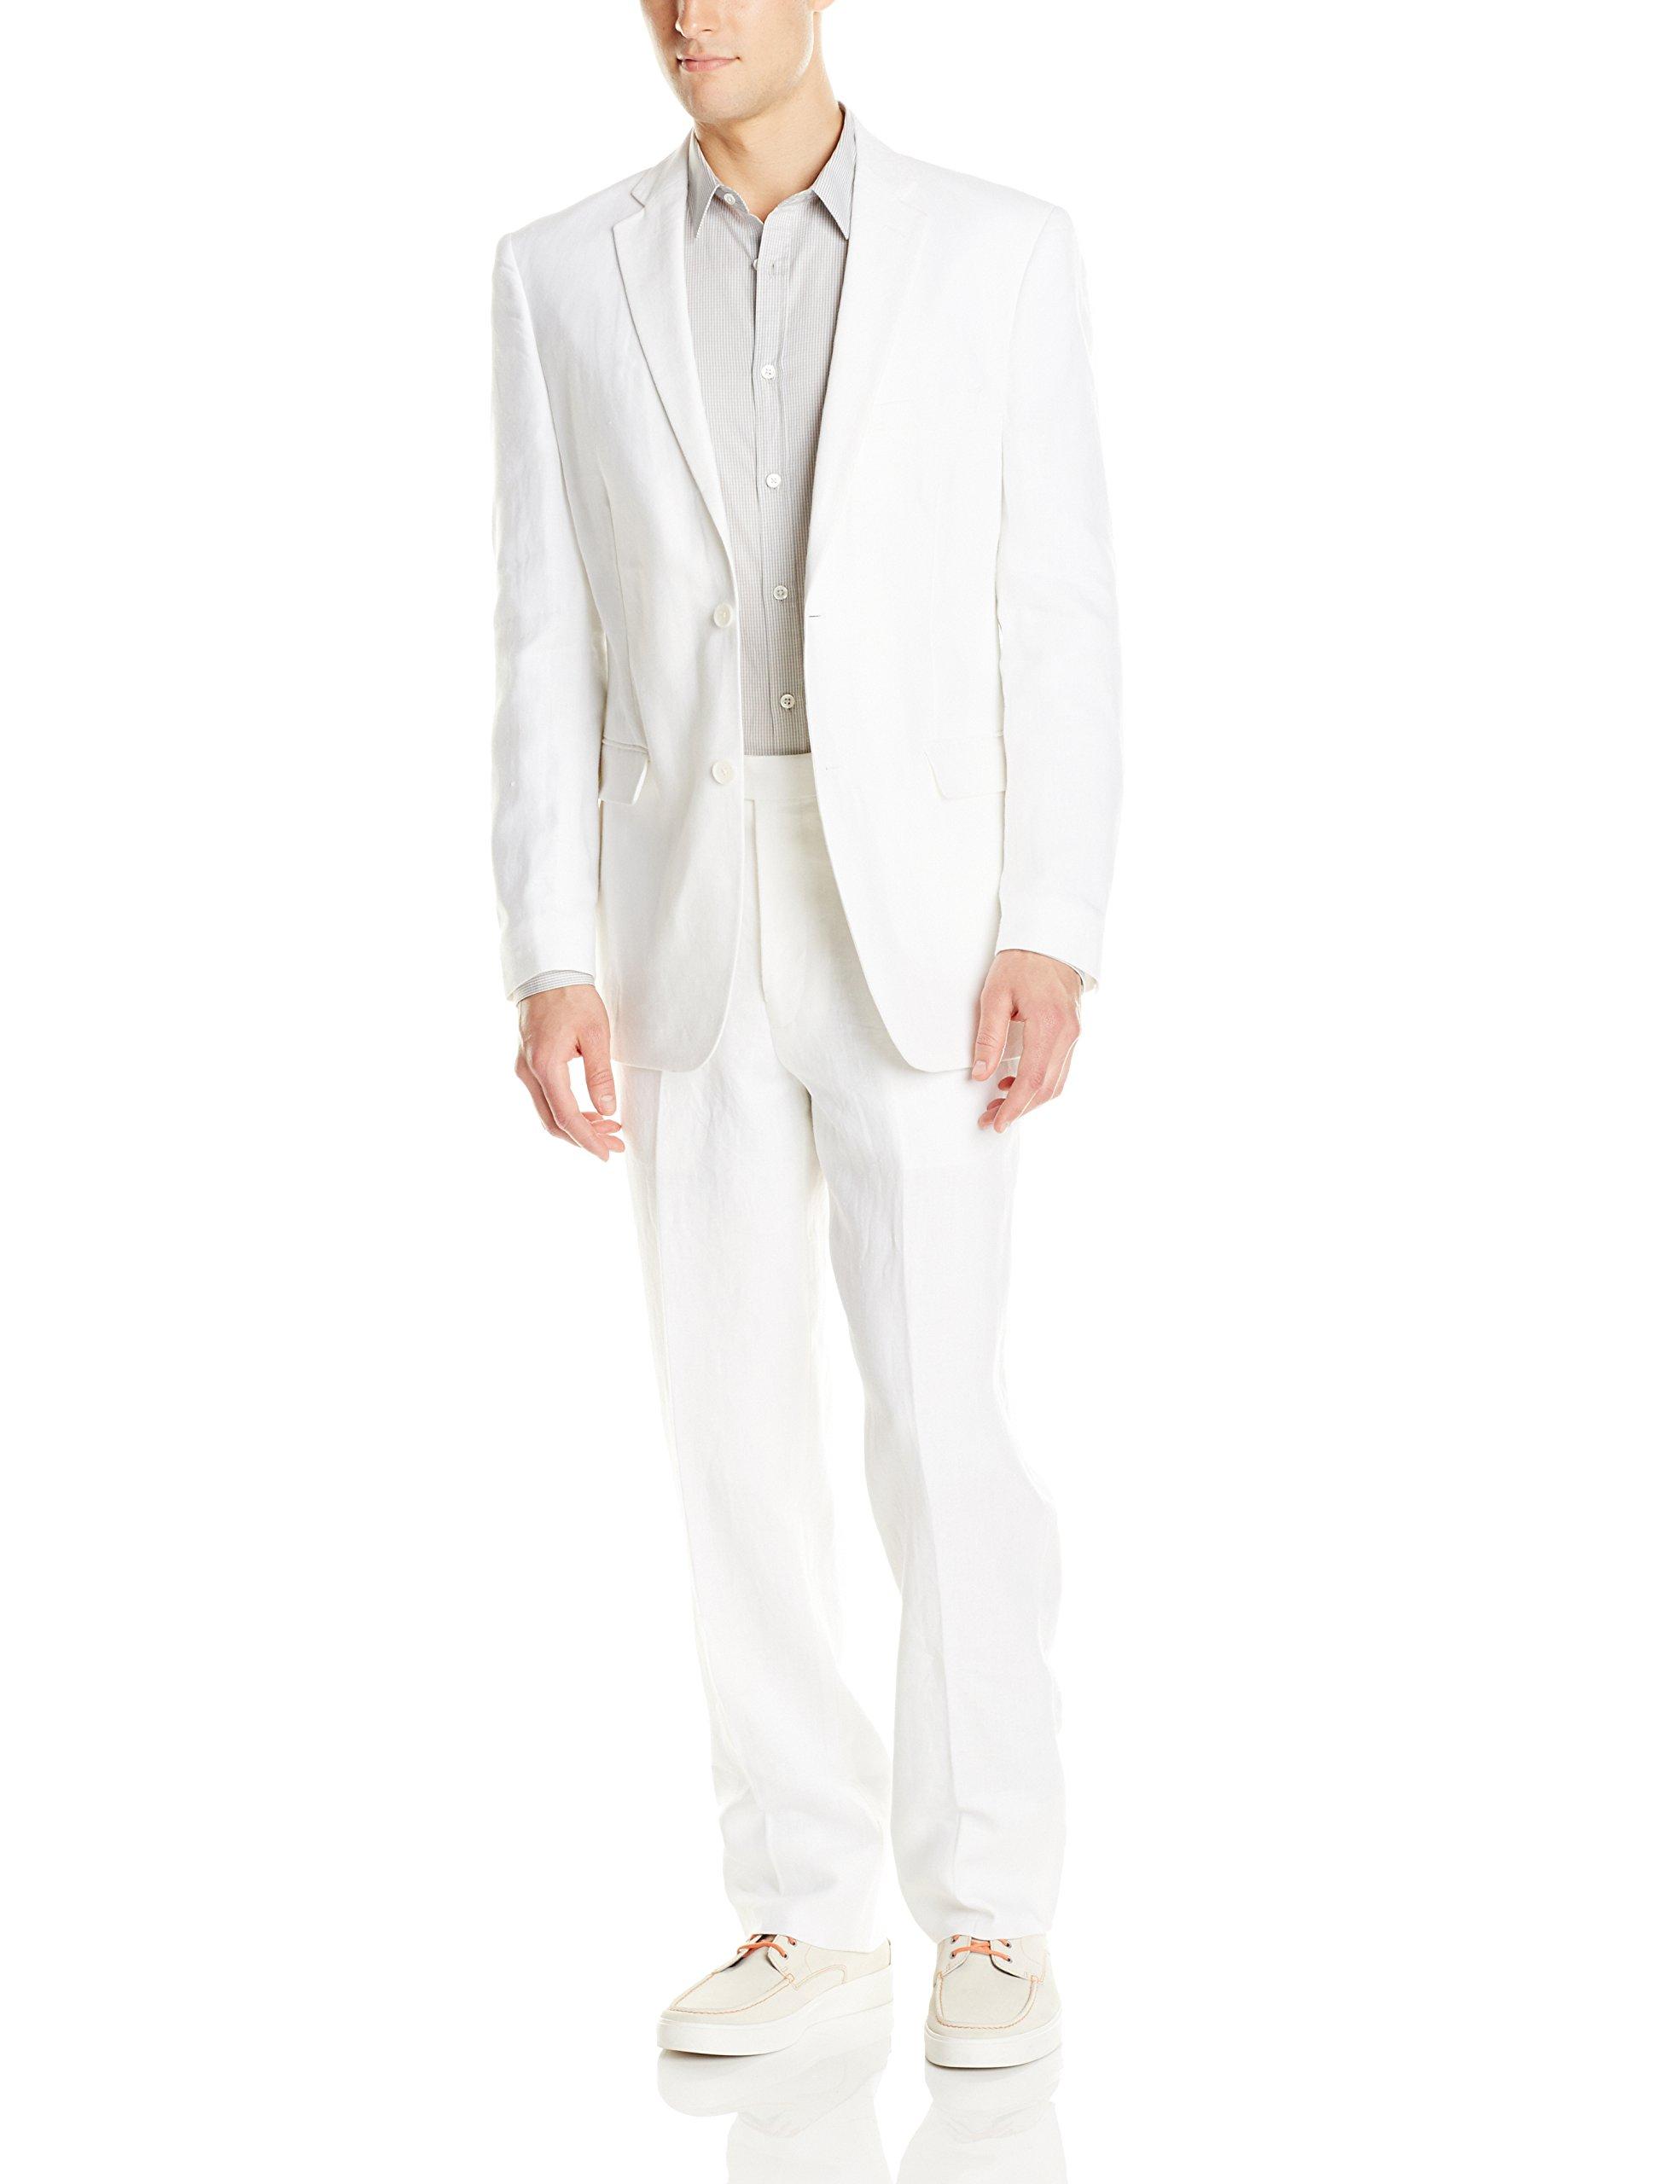 U.S. Polo Assn. Mens Linen Suit, RAD6001S White, 44 Long